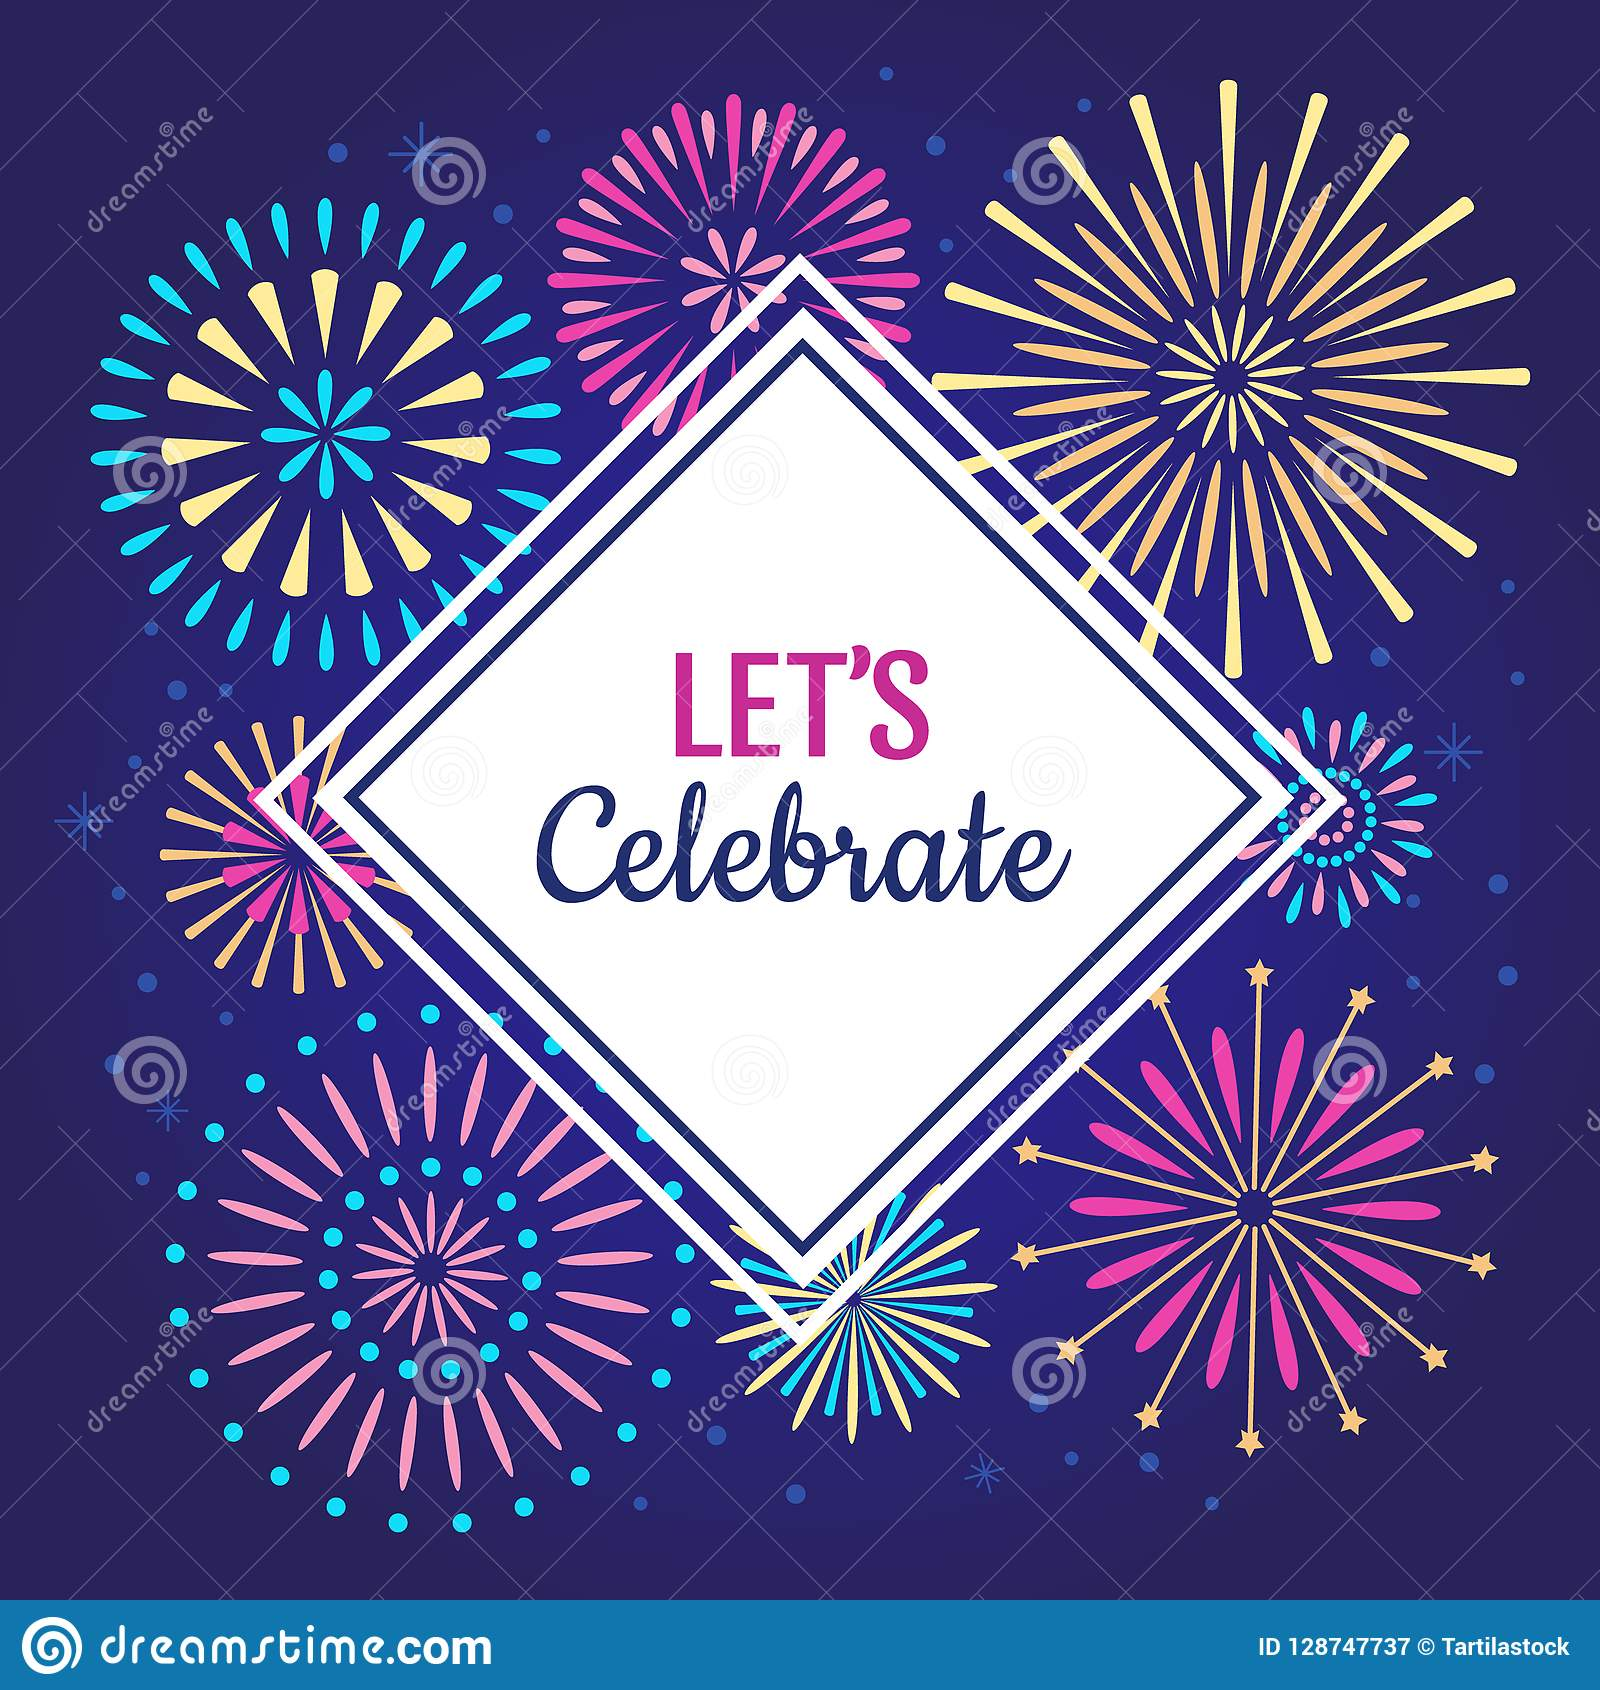 Позволяет для того чтобы отпраздновать плакат Фейерверки торжества зимнего отдыха, фейерверк партии годовщины или празднуют предп